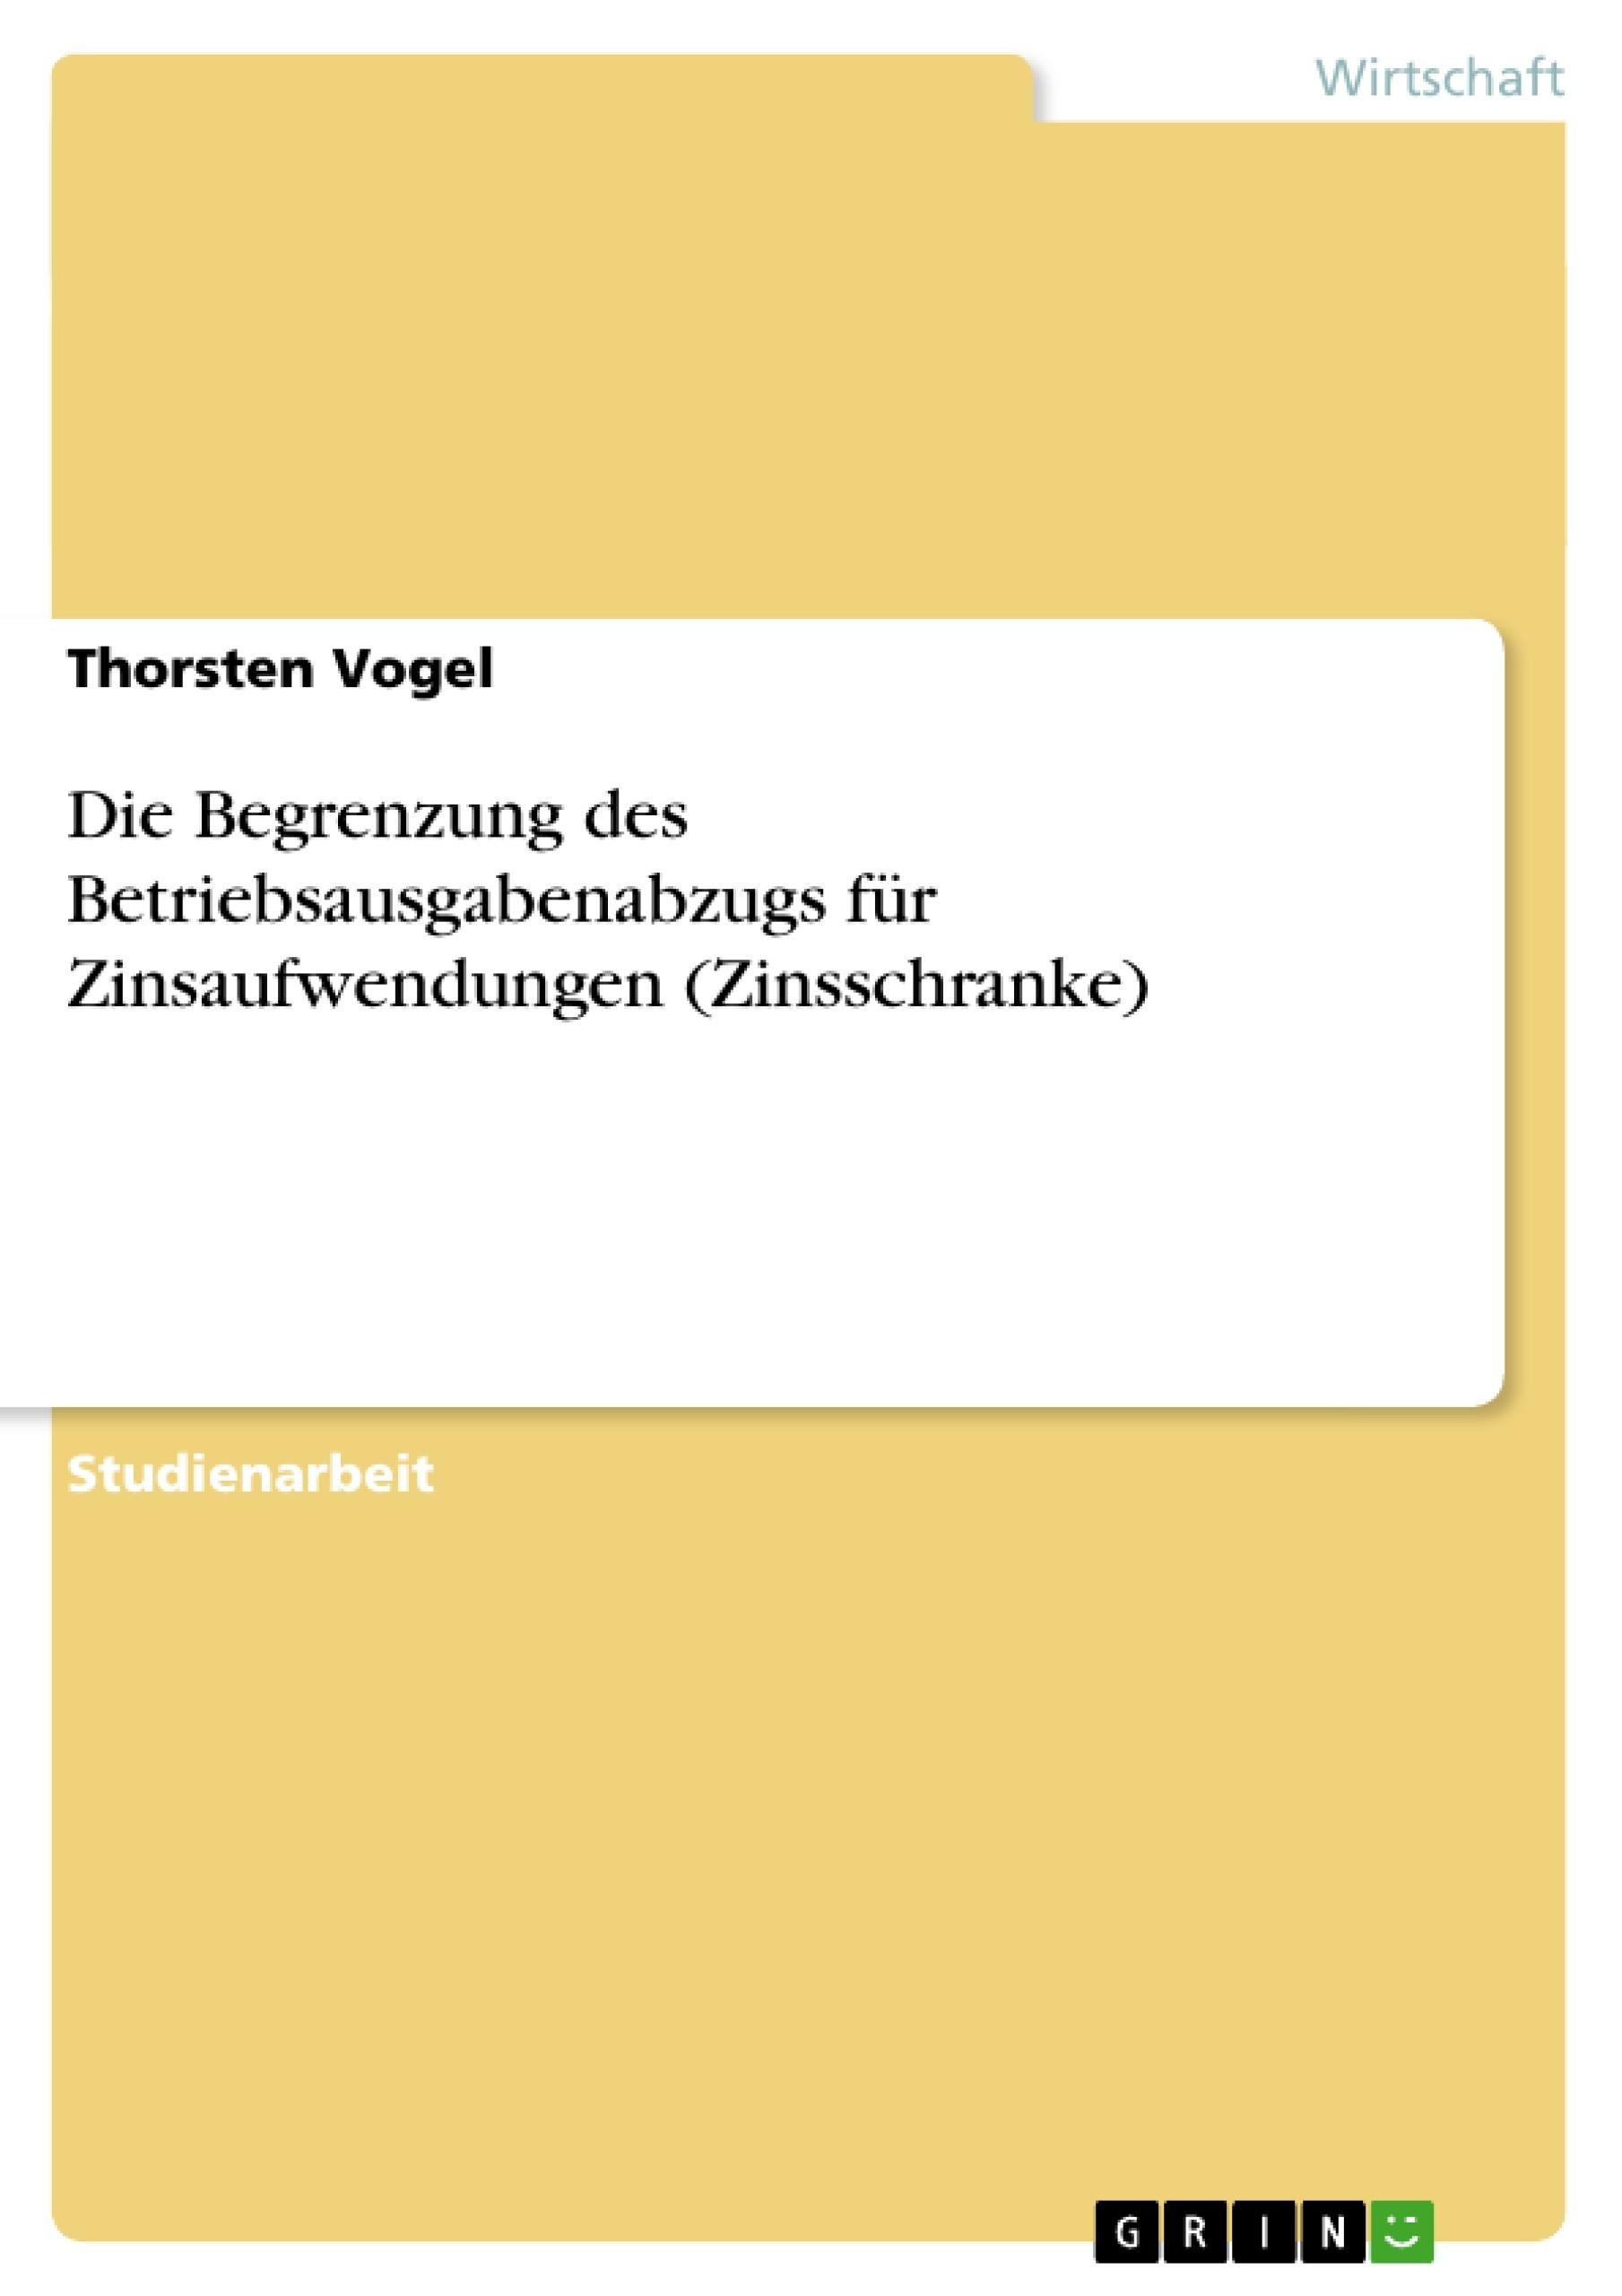 Titel: Die Begrenzung des Betriebsausgabenabzugs für Zinsaufwendungen (Zinsschranke)